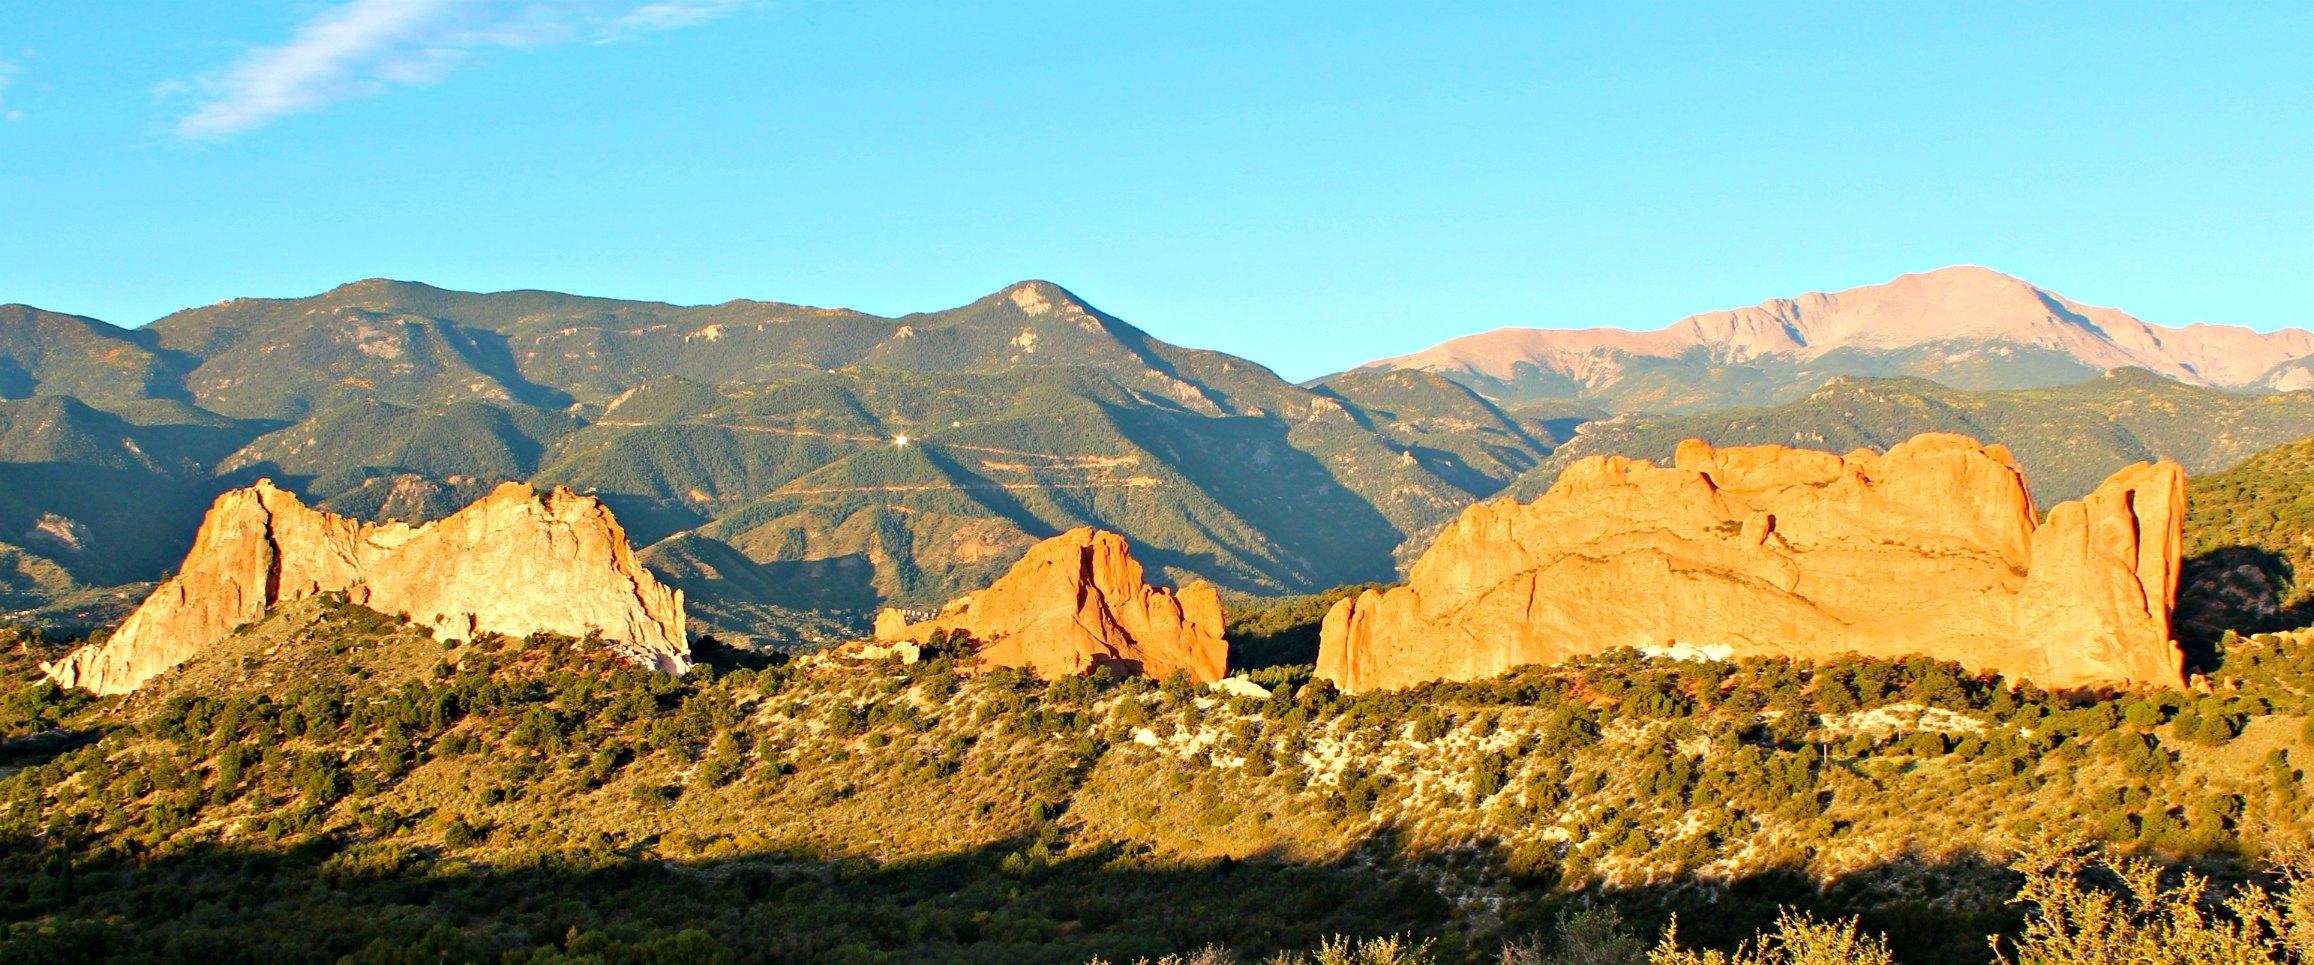 garden-of-the-gods-colorado-springs